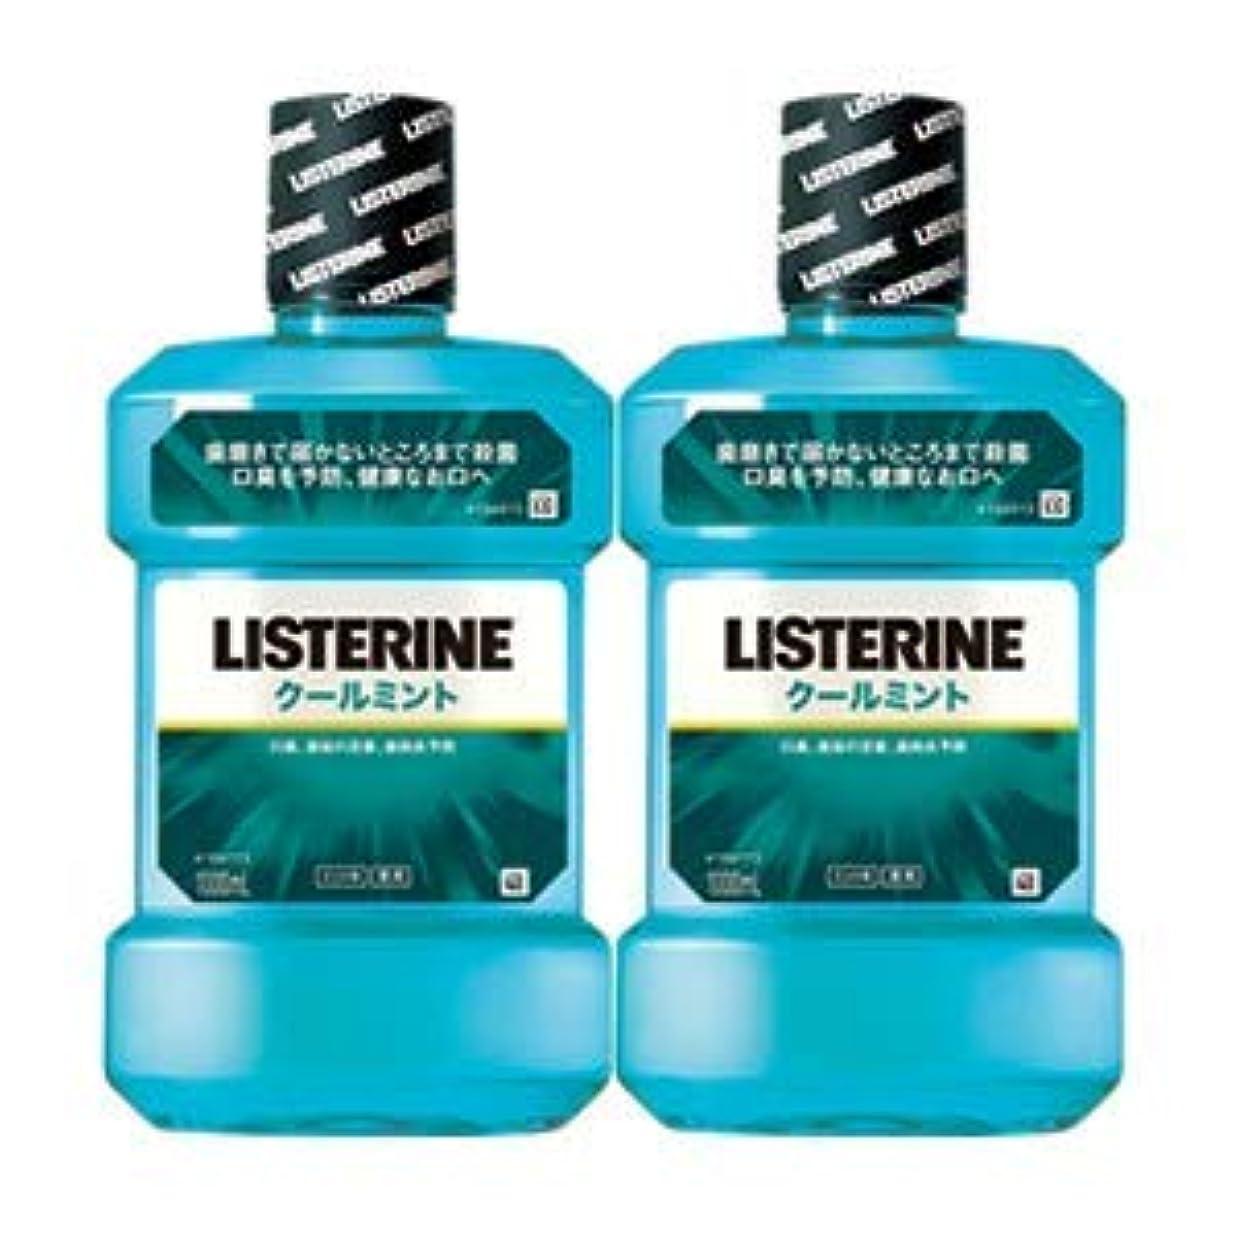 カテゴリー多様な延ばす薬用リステリン クールミント (マウスウォッシュ/洗口液) 1000mL×2本セット